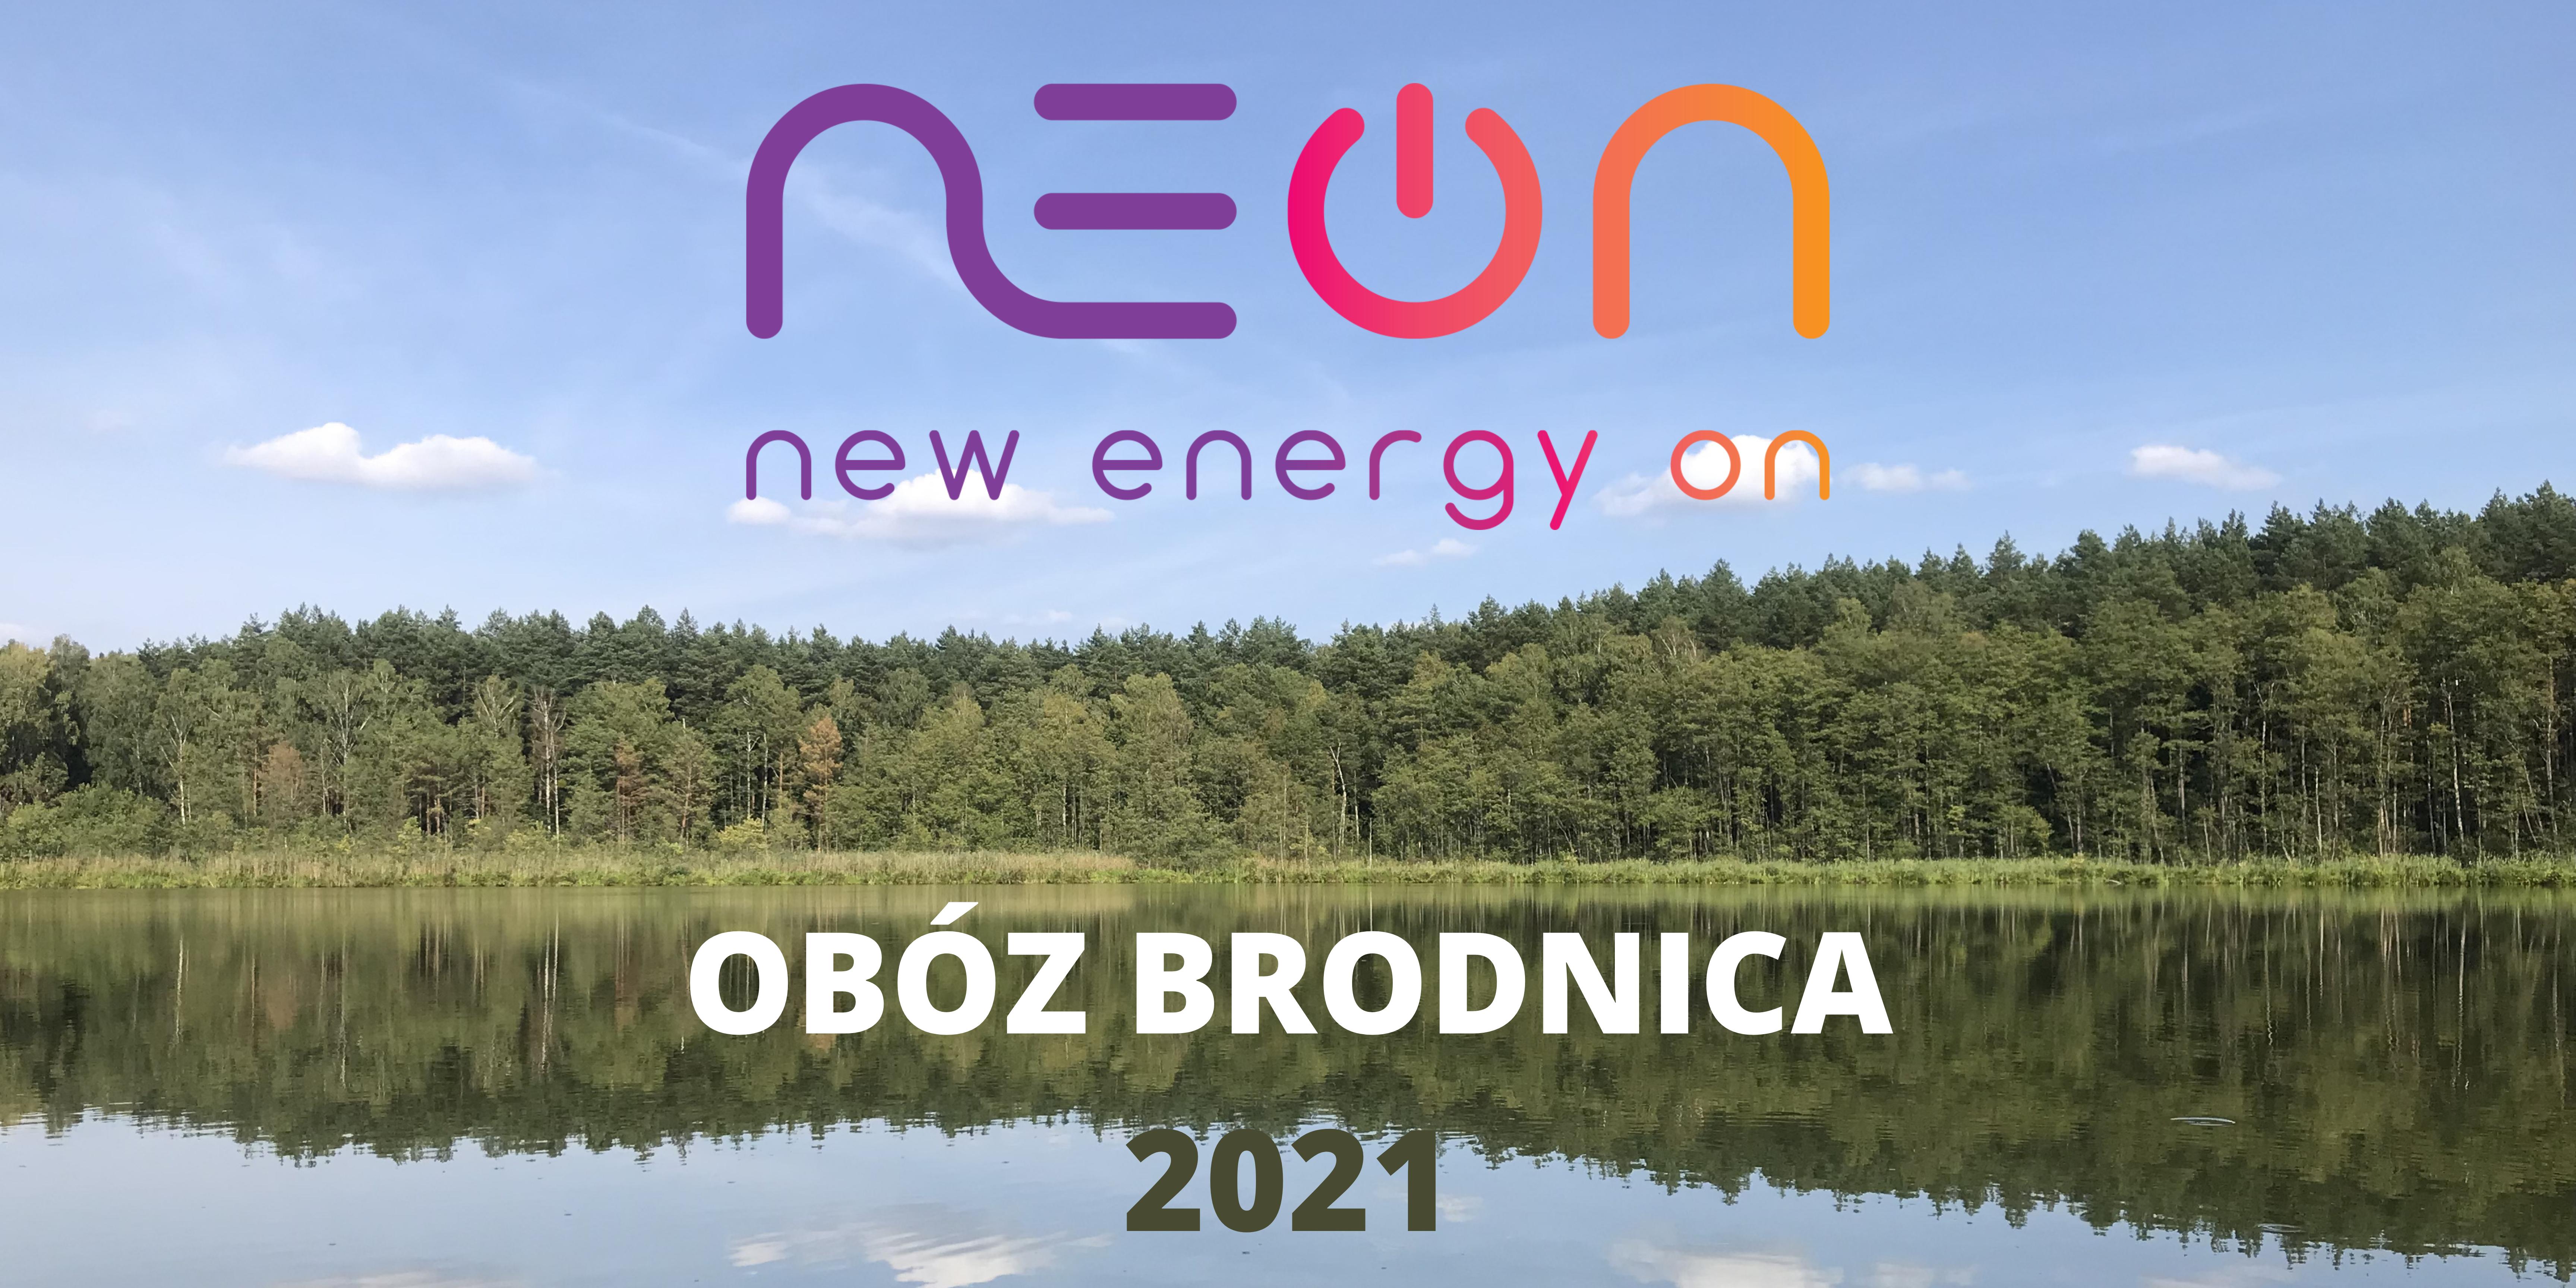 OBÓZ BRODNICA 2021